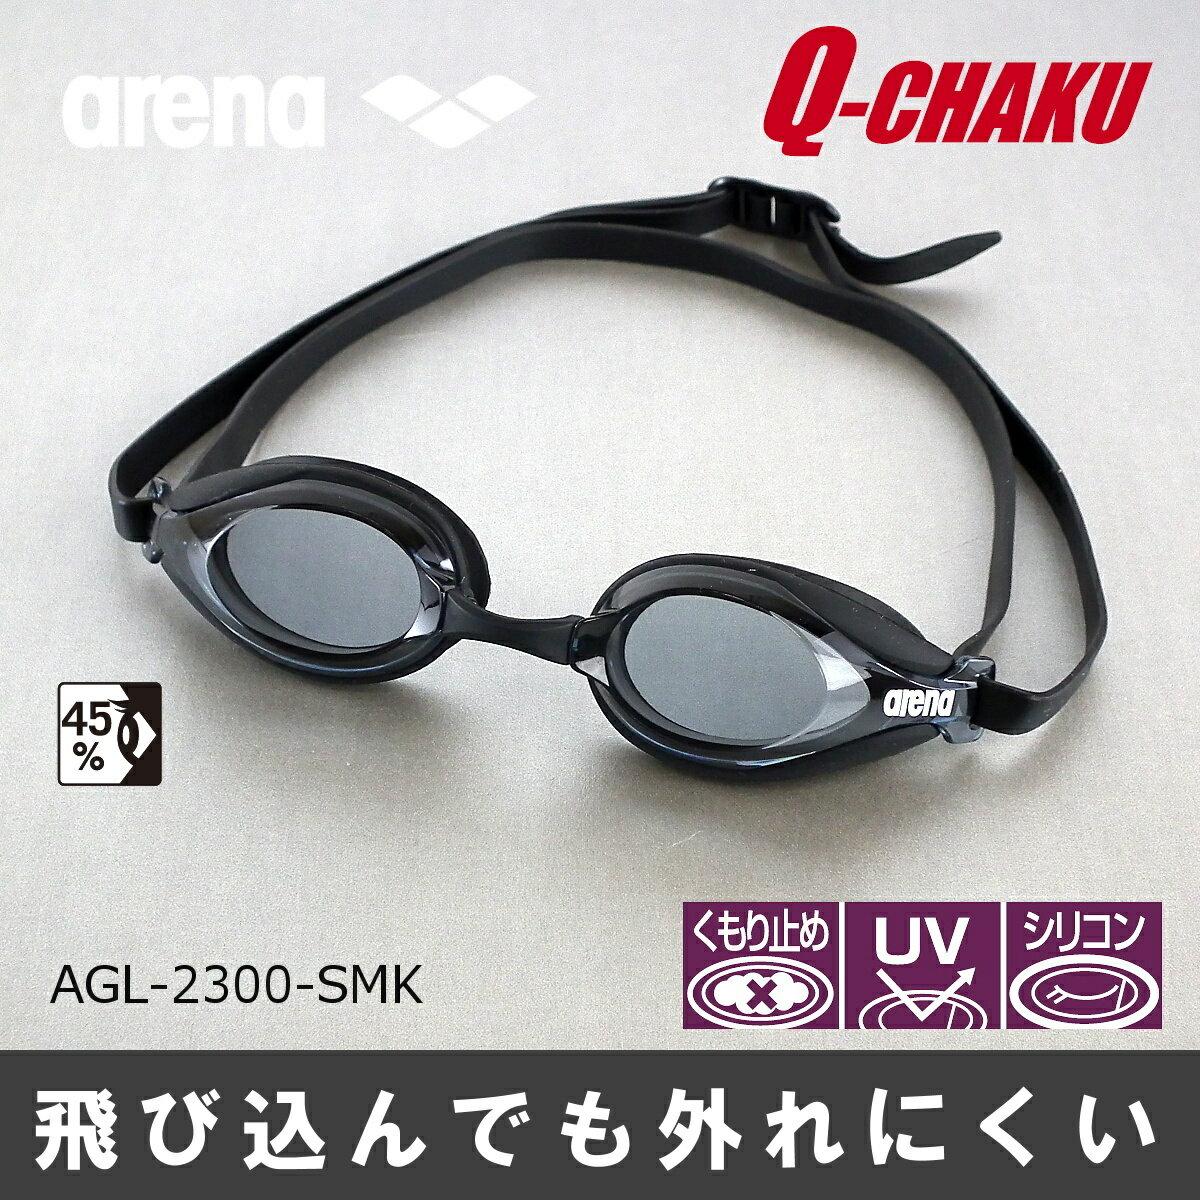 【スイムゴーグル】ARENA アリーナ クッション付き スイミングゴーグル クリアタイプ Q-CHAKU 水泳 AGL-2300-SMK